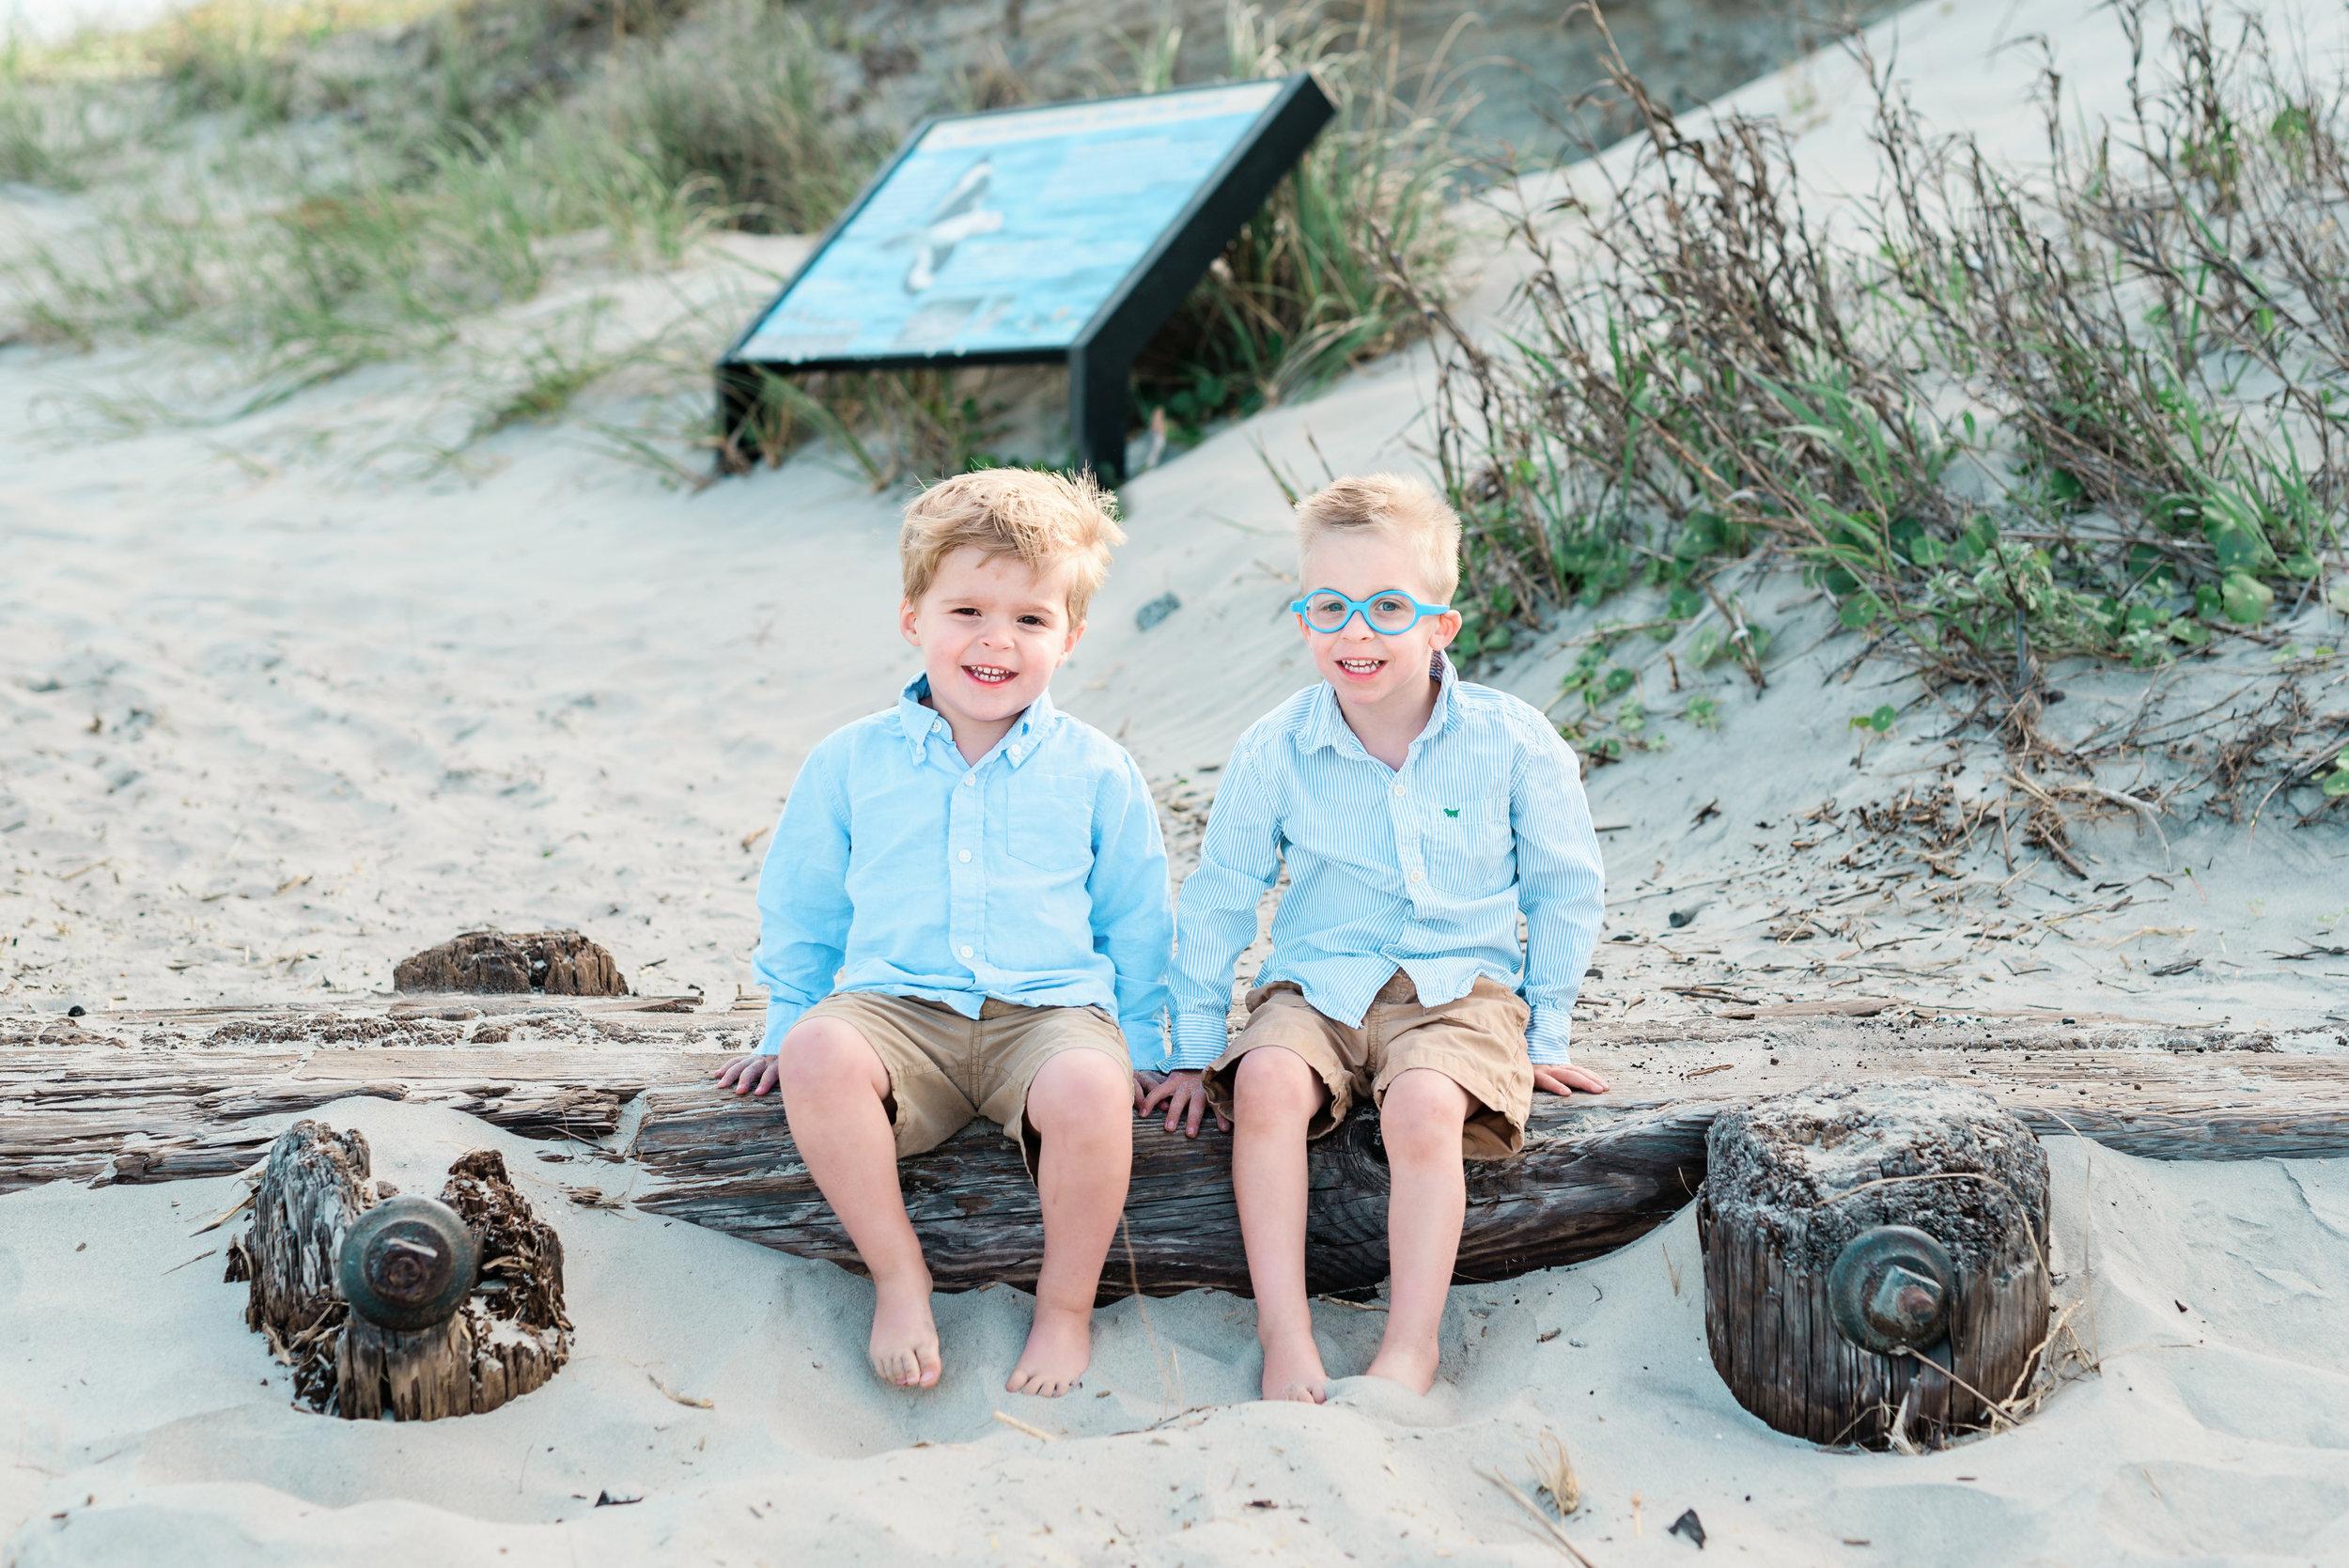 Folly-Beach-Family-Photographer-Following-Seas-Photography-7627 copy.jpg